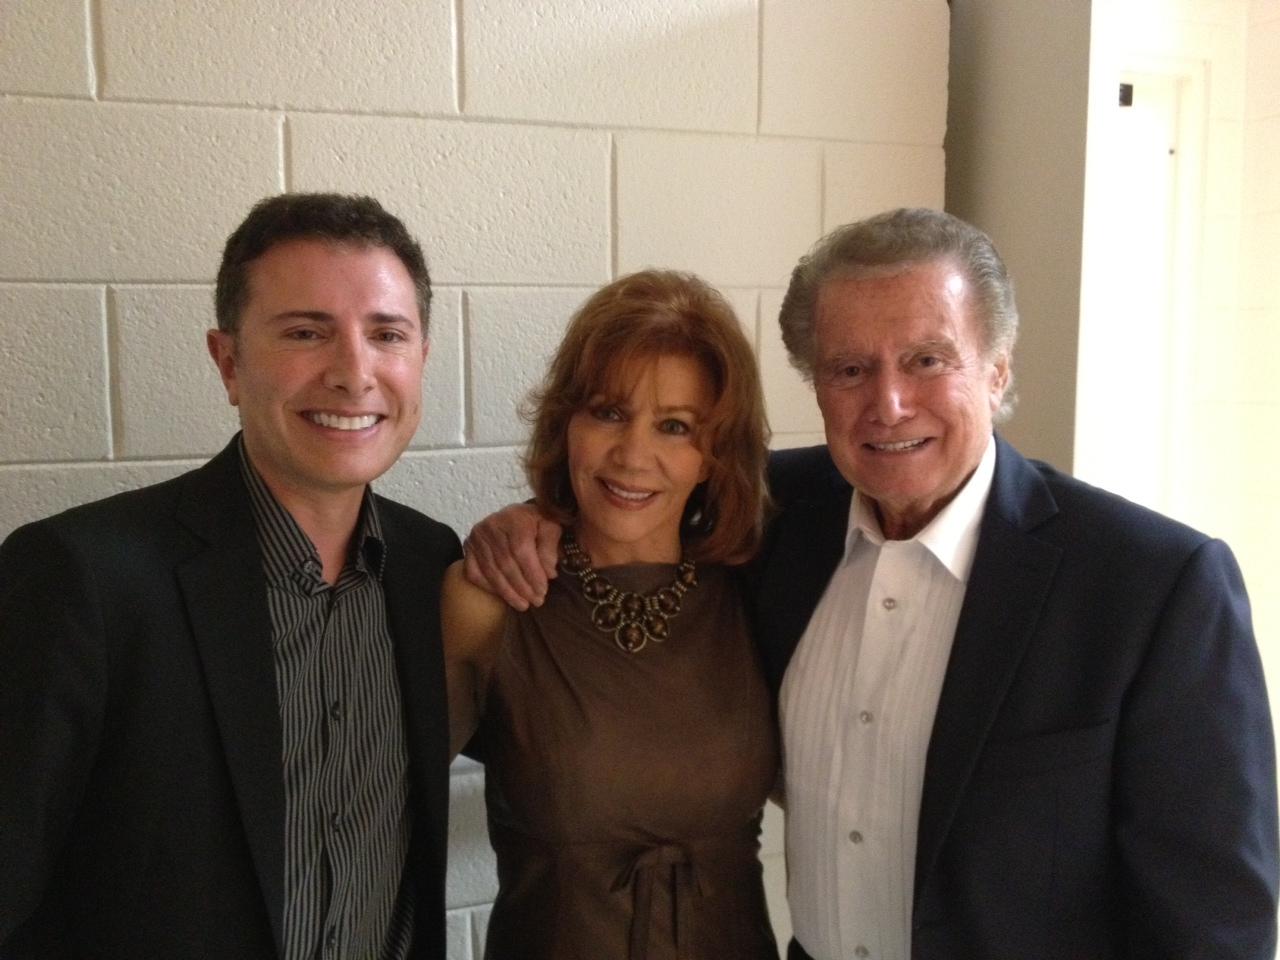 with Joy and Regis Philbin